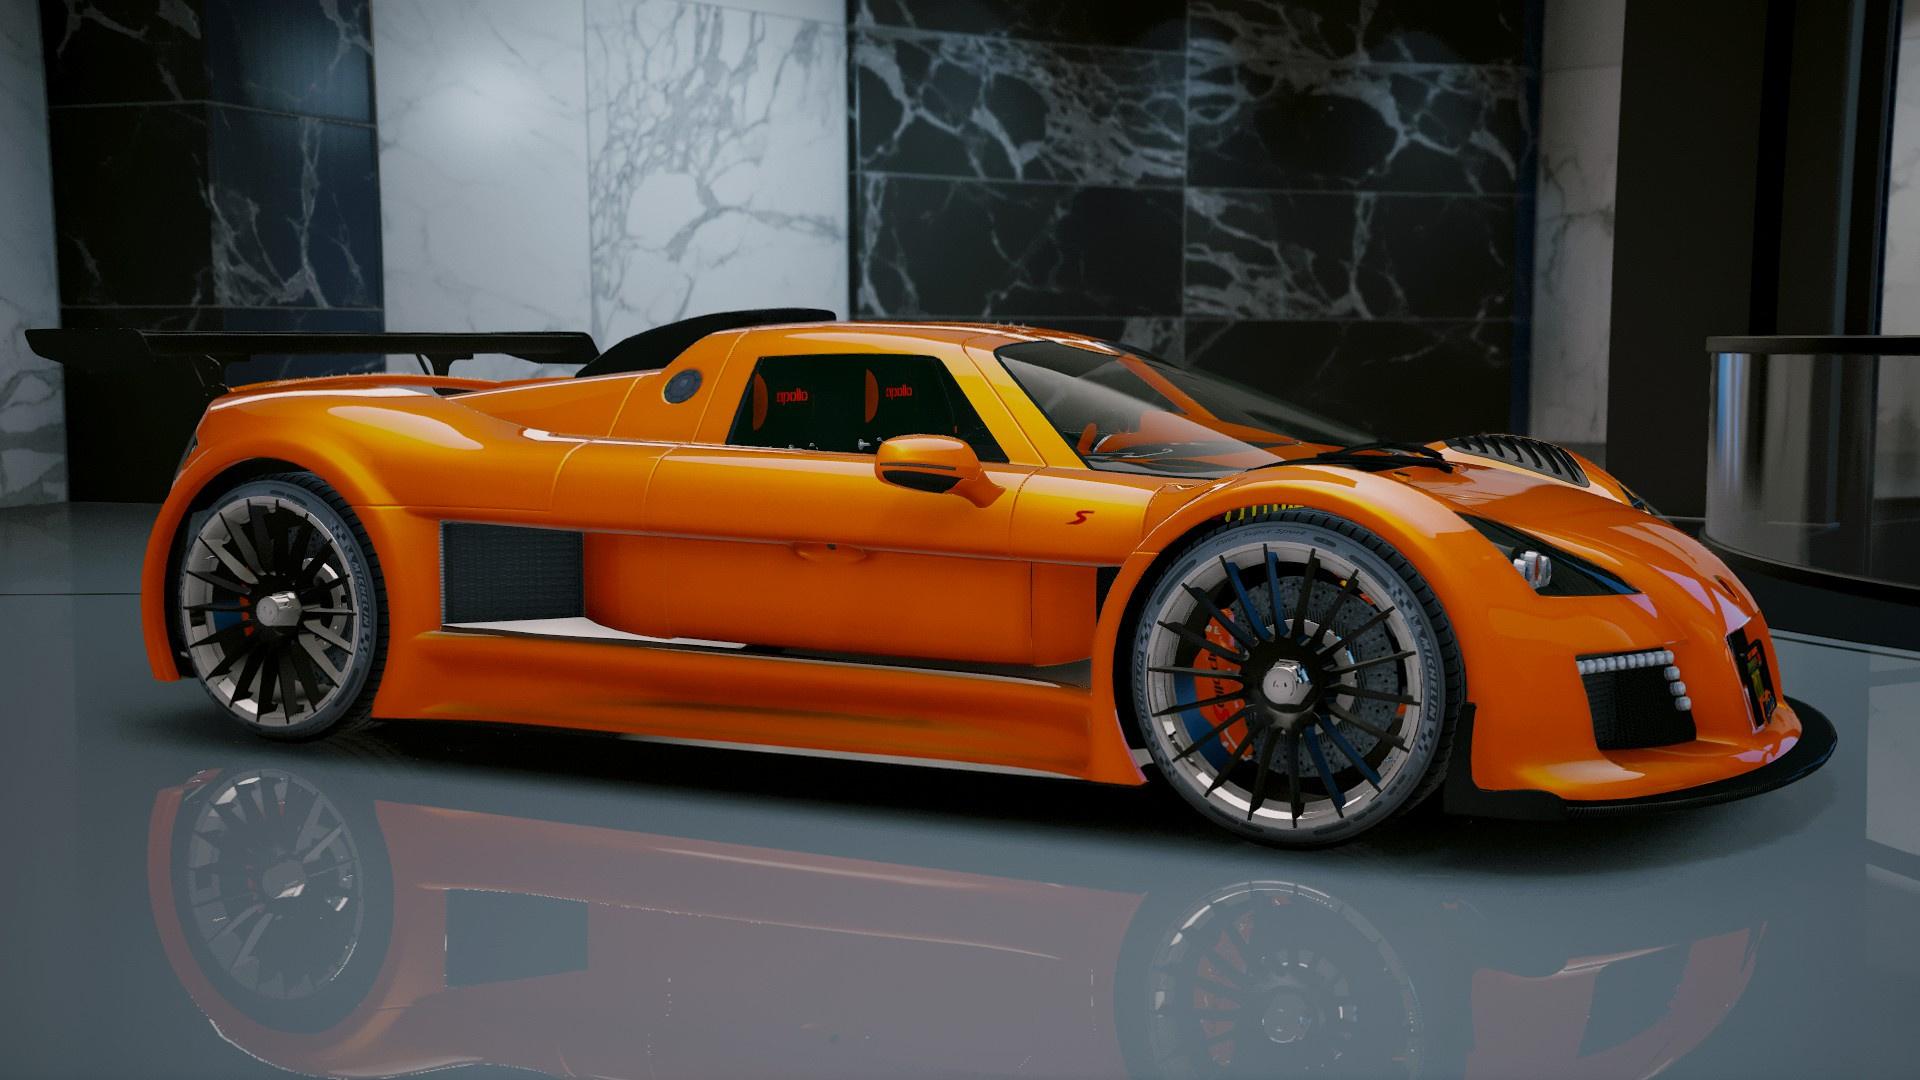 apollo sports car - HD1920×1080